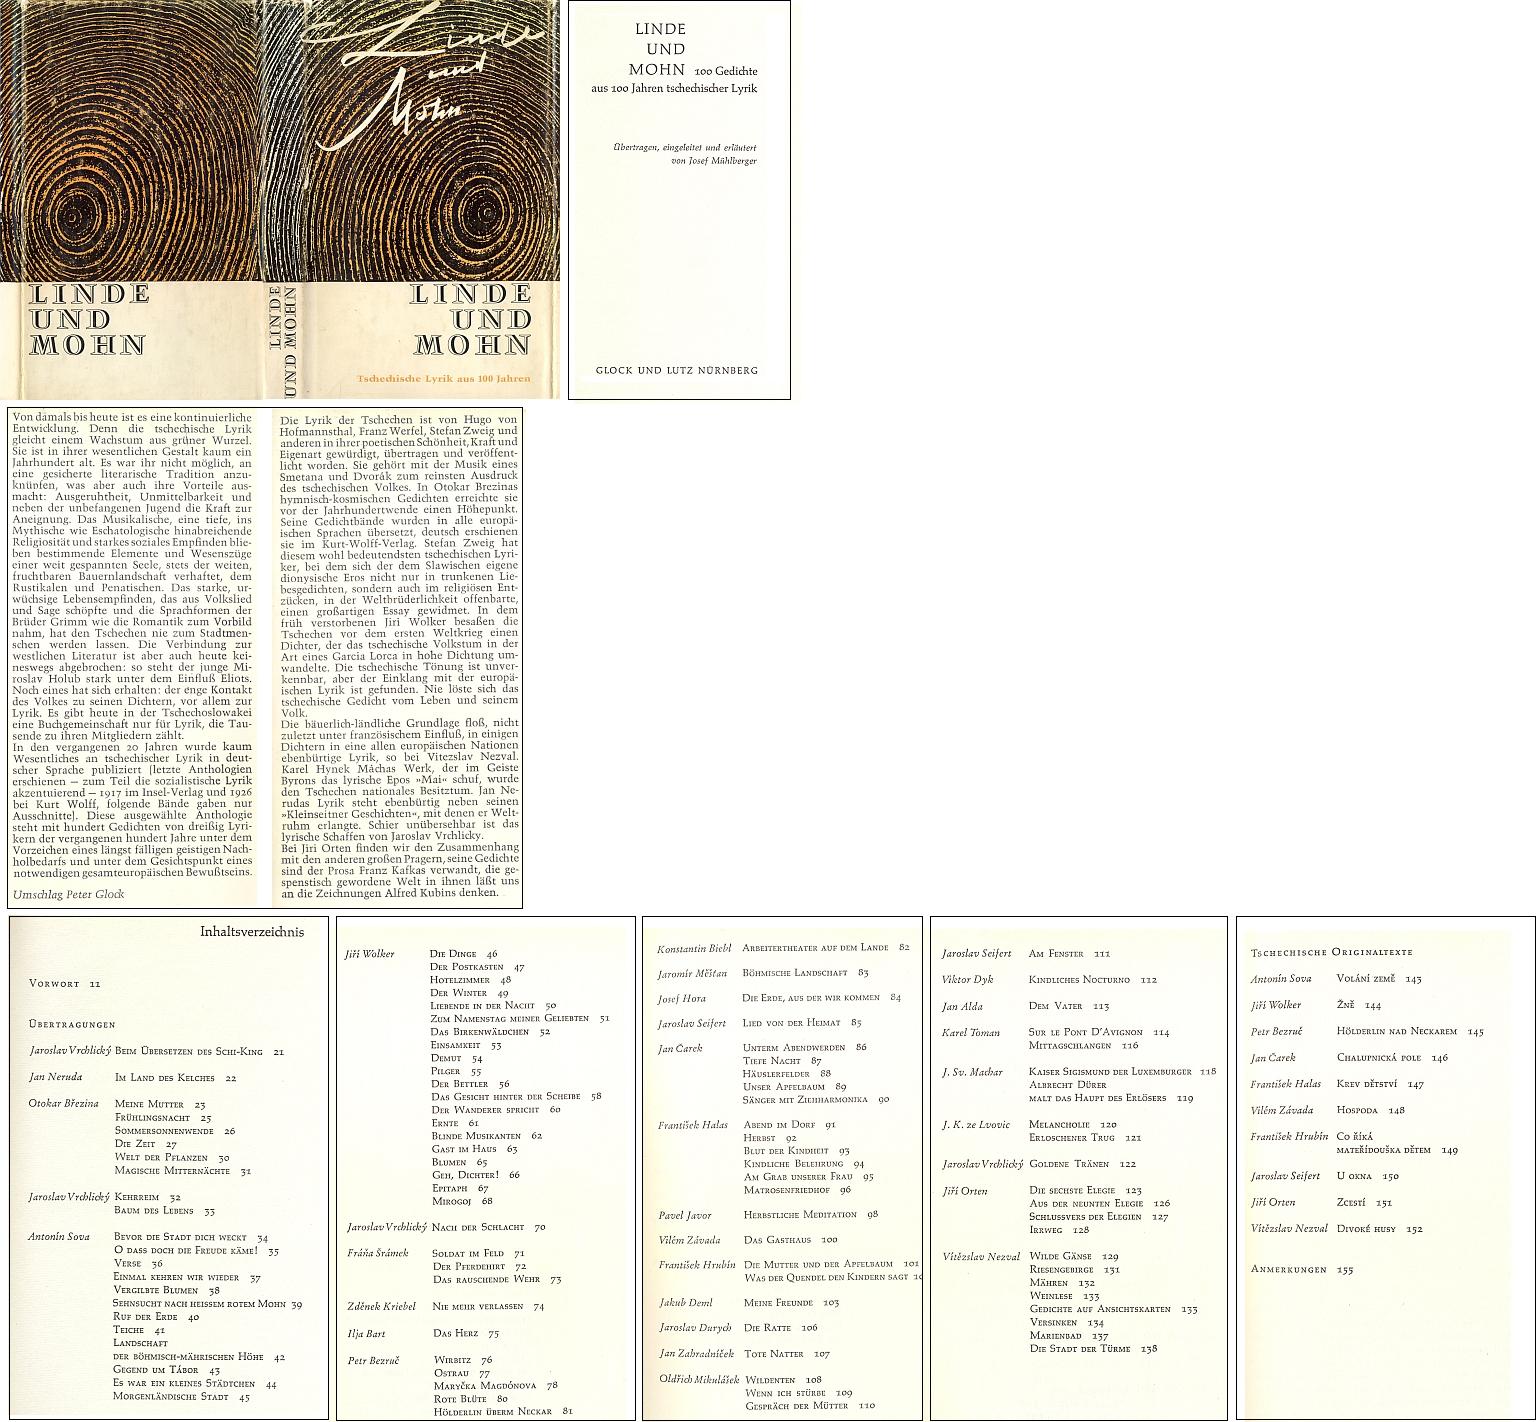 """Obálka (1964), titulní list a obsah souboru jeho překladů stovky básní ze """"století"""" české poezie vydaného v Norimberku nakladatelstvím Glock und Lutz"""